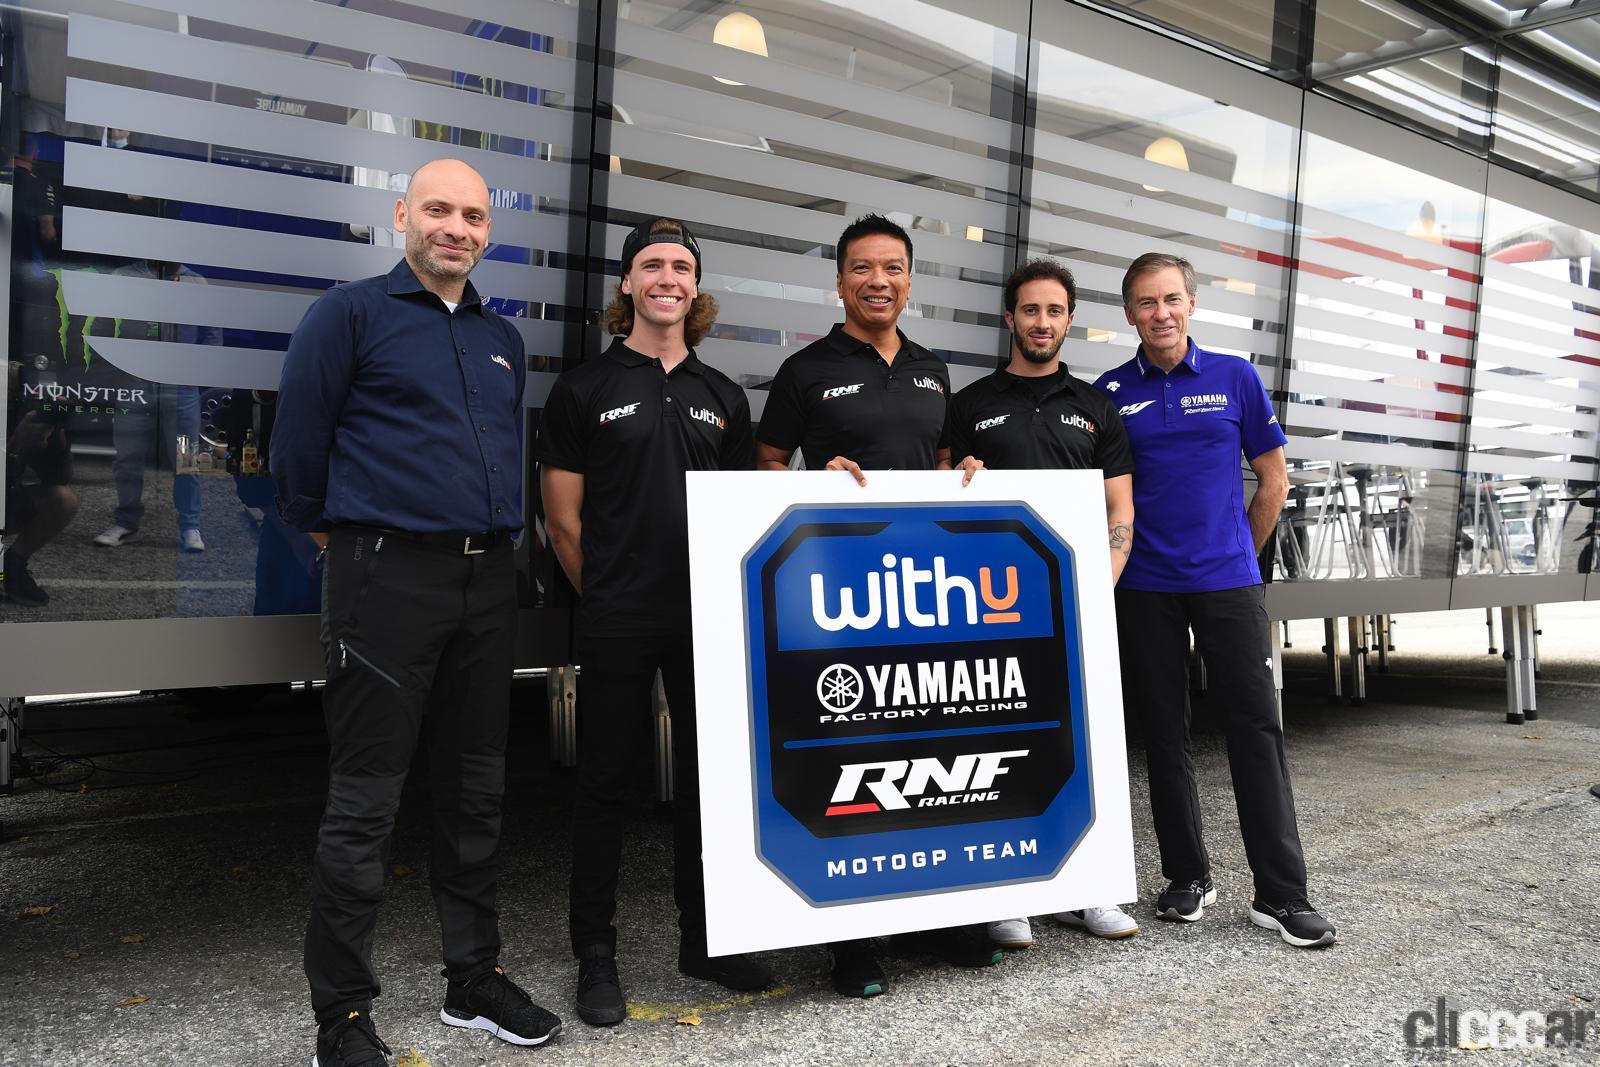 ヤマハが2輪最高峰レース「MotoGP」参戦の新チームと契約。WithU RNF MotoGPチームにGPマシンYZR-M1を供給